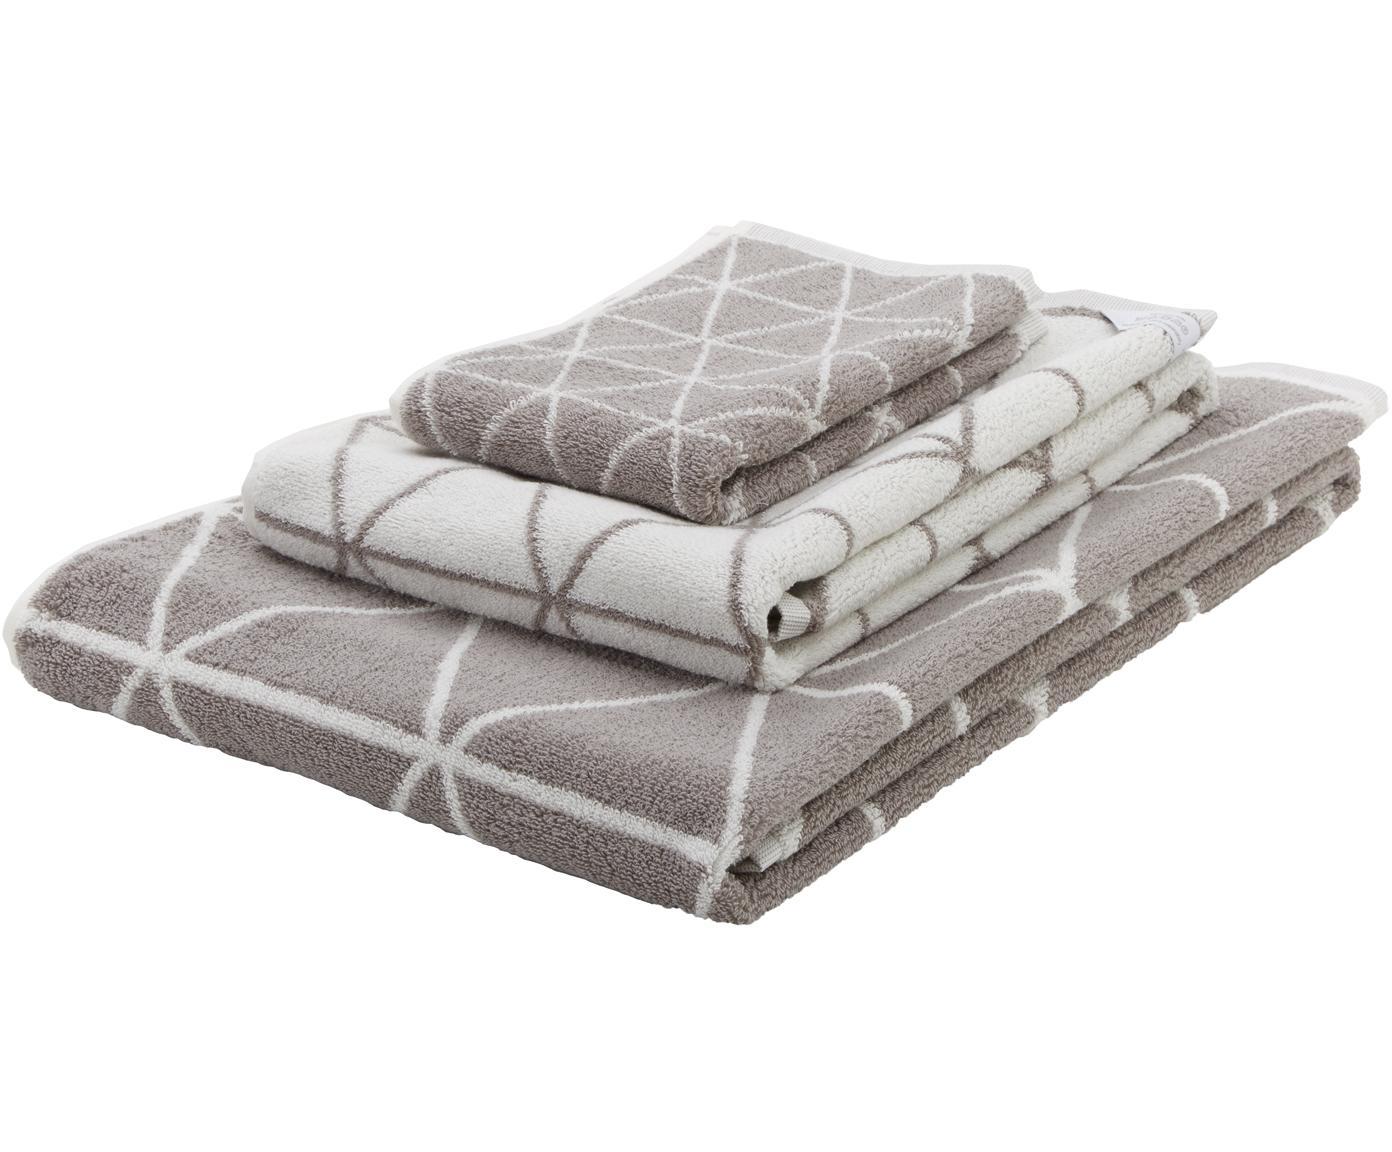 Set de toallas, caras distintas Elina, 3pzas., Gris, blanco cremoso, Tamaños diferentes